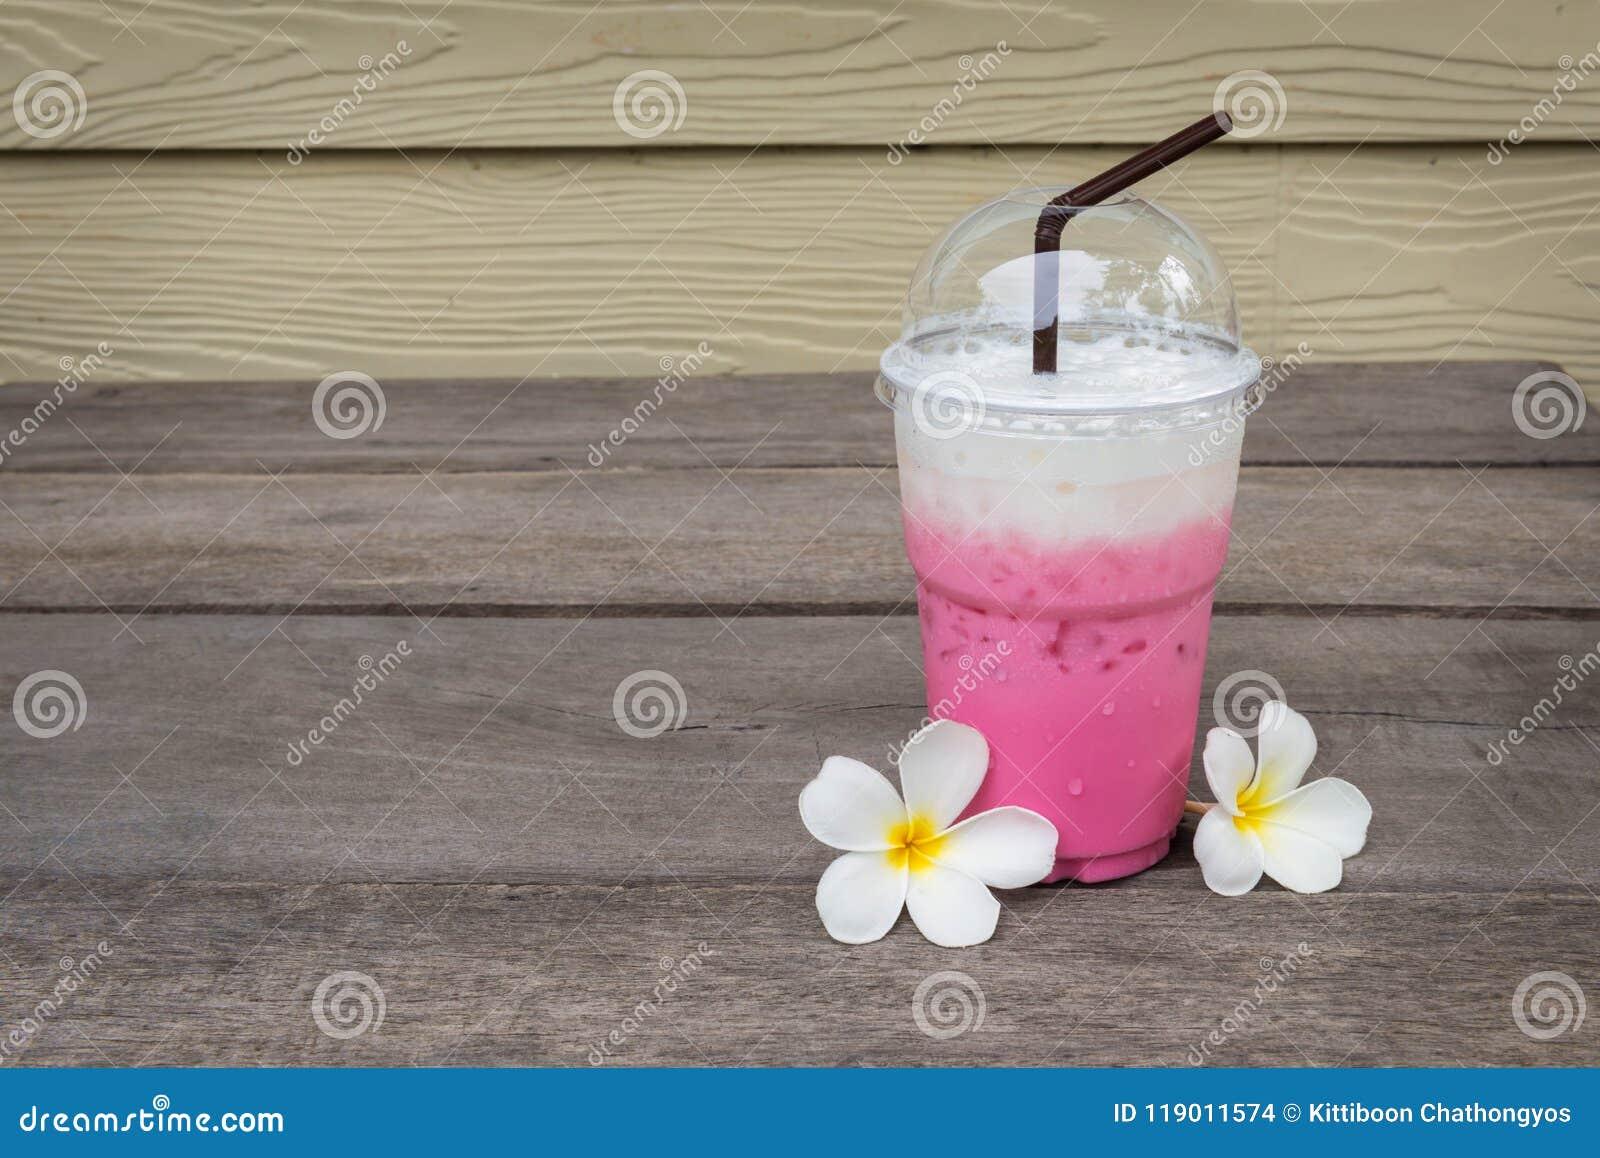 Koppen av rosa is mjölkar nära Plumeriablommor på trägolv